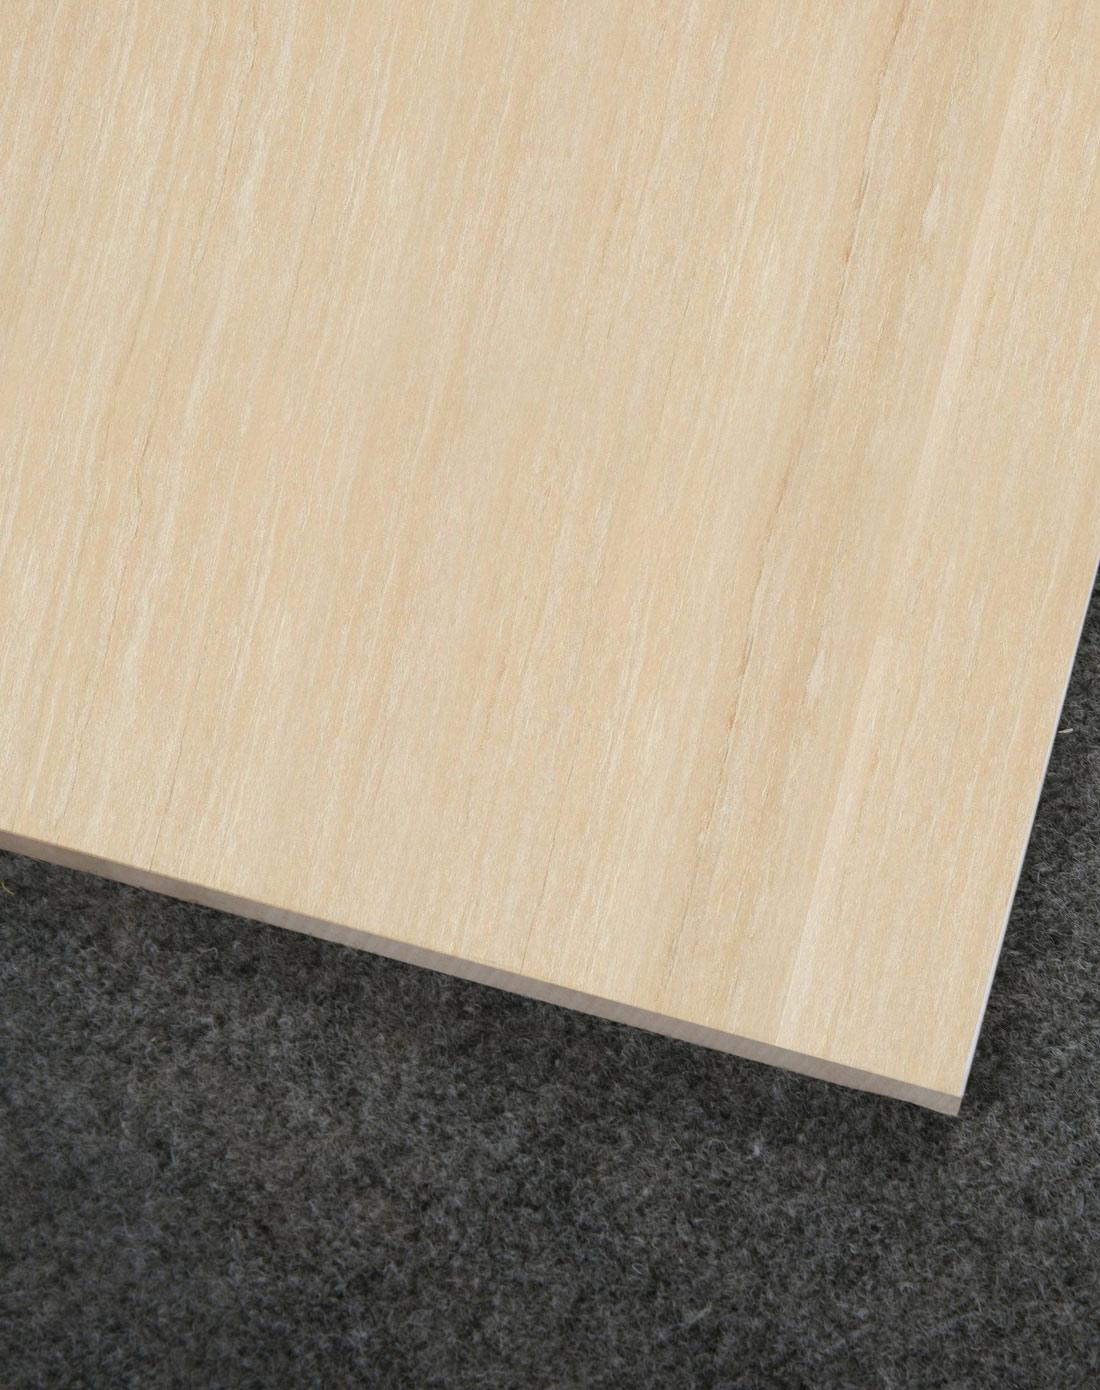 东鹏瓷砖专场800x800抛光砖木纹洞石(整箱)yg803901a